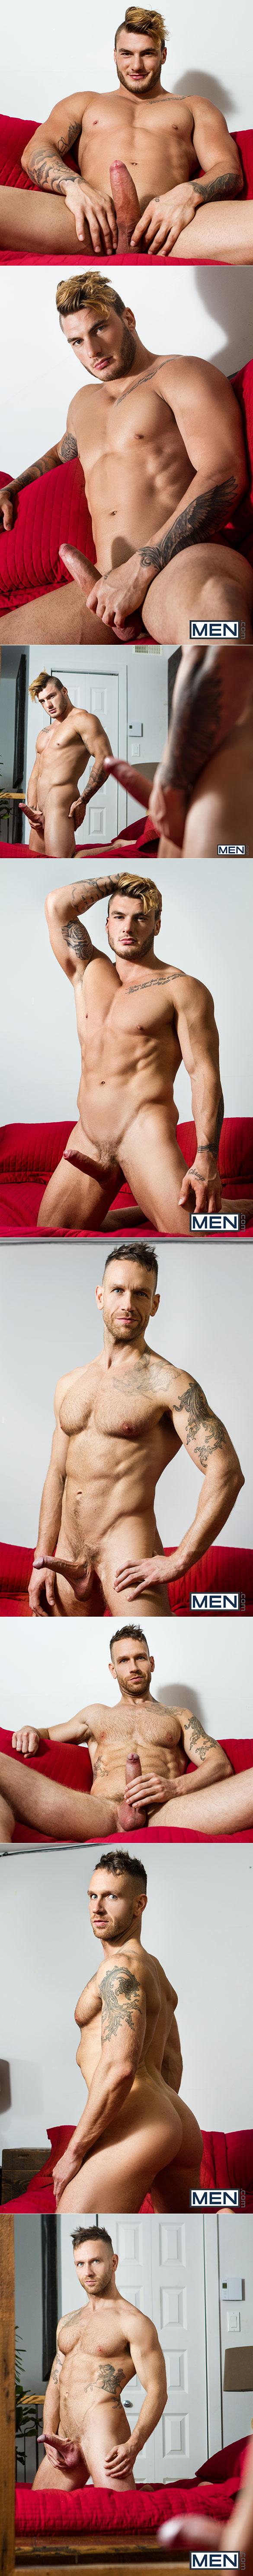 """Men.com: William Seed bangs Kit Cohen in """"The Guys Next Door, Part 1"""""""